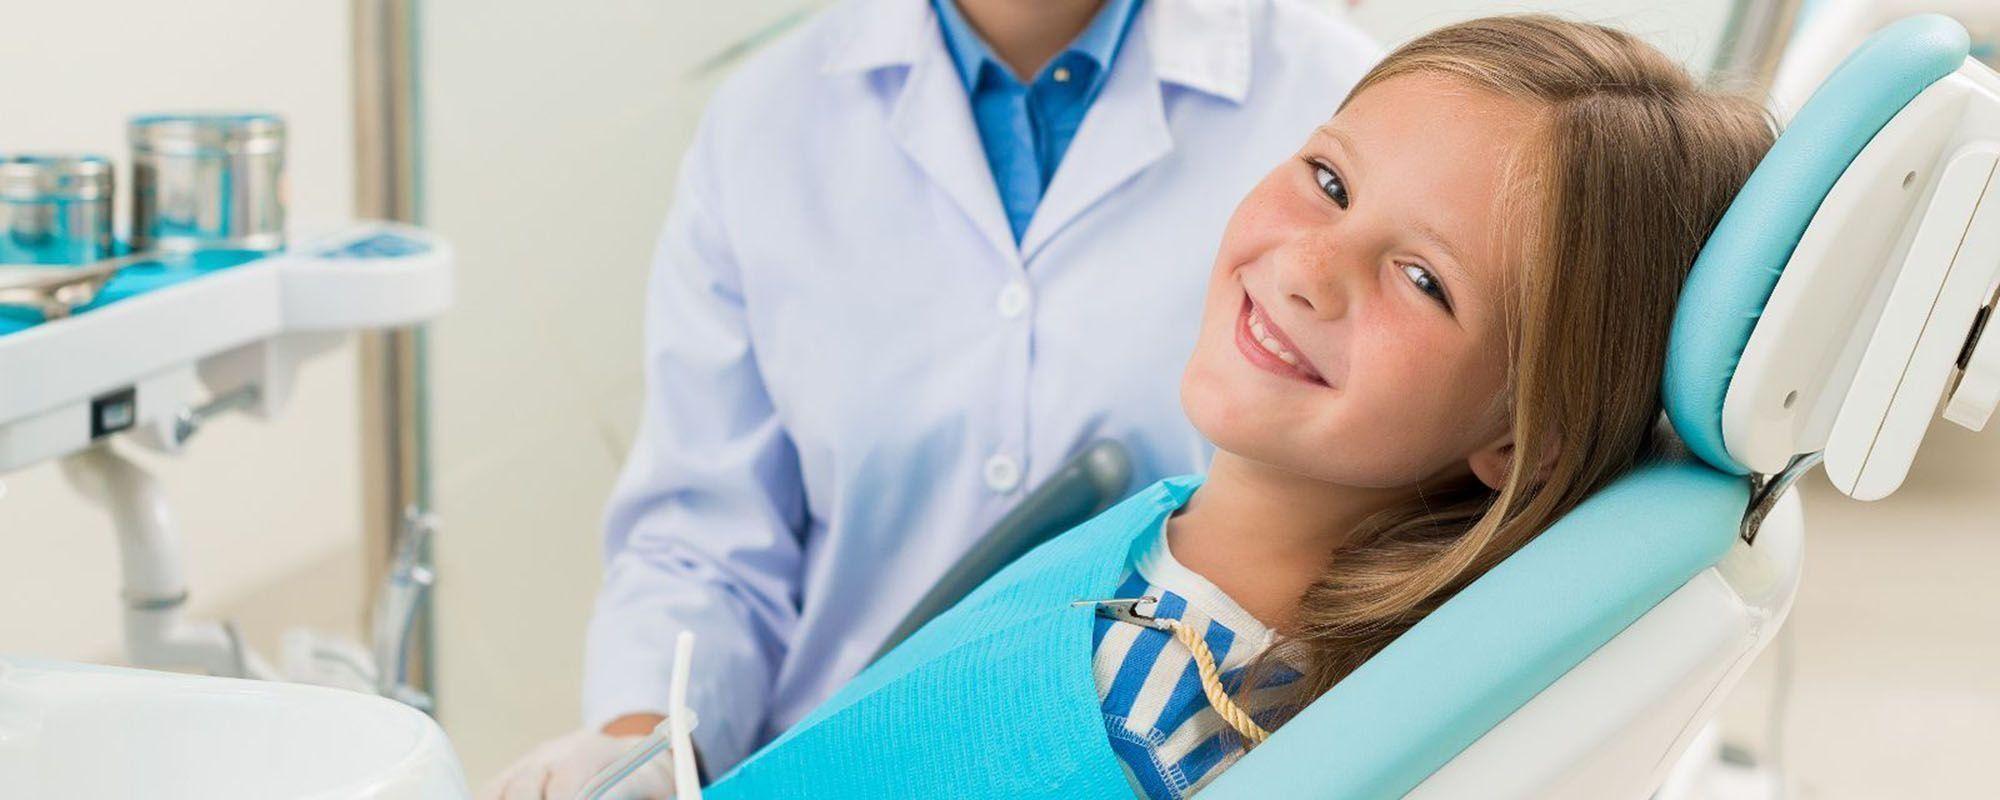 Лучшие платные стоматологические клиники для детей в Санкт-Петербурге в 2020 году